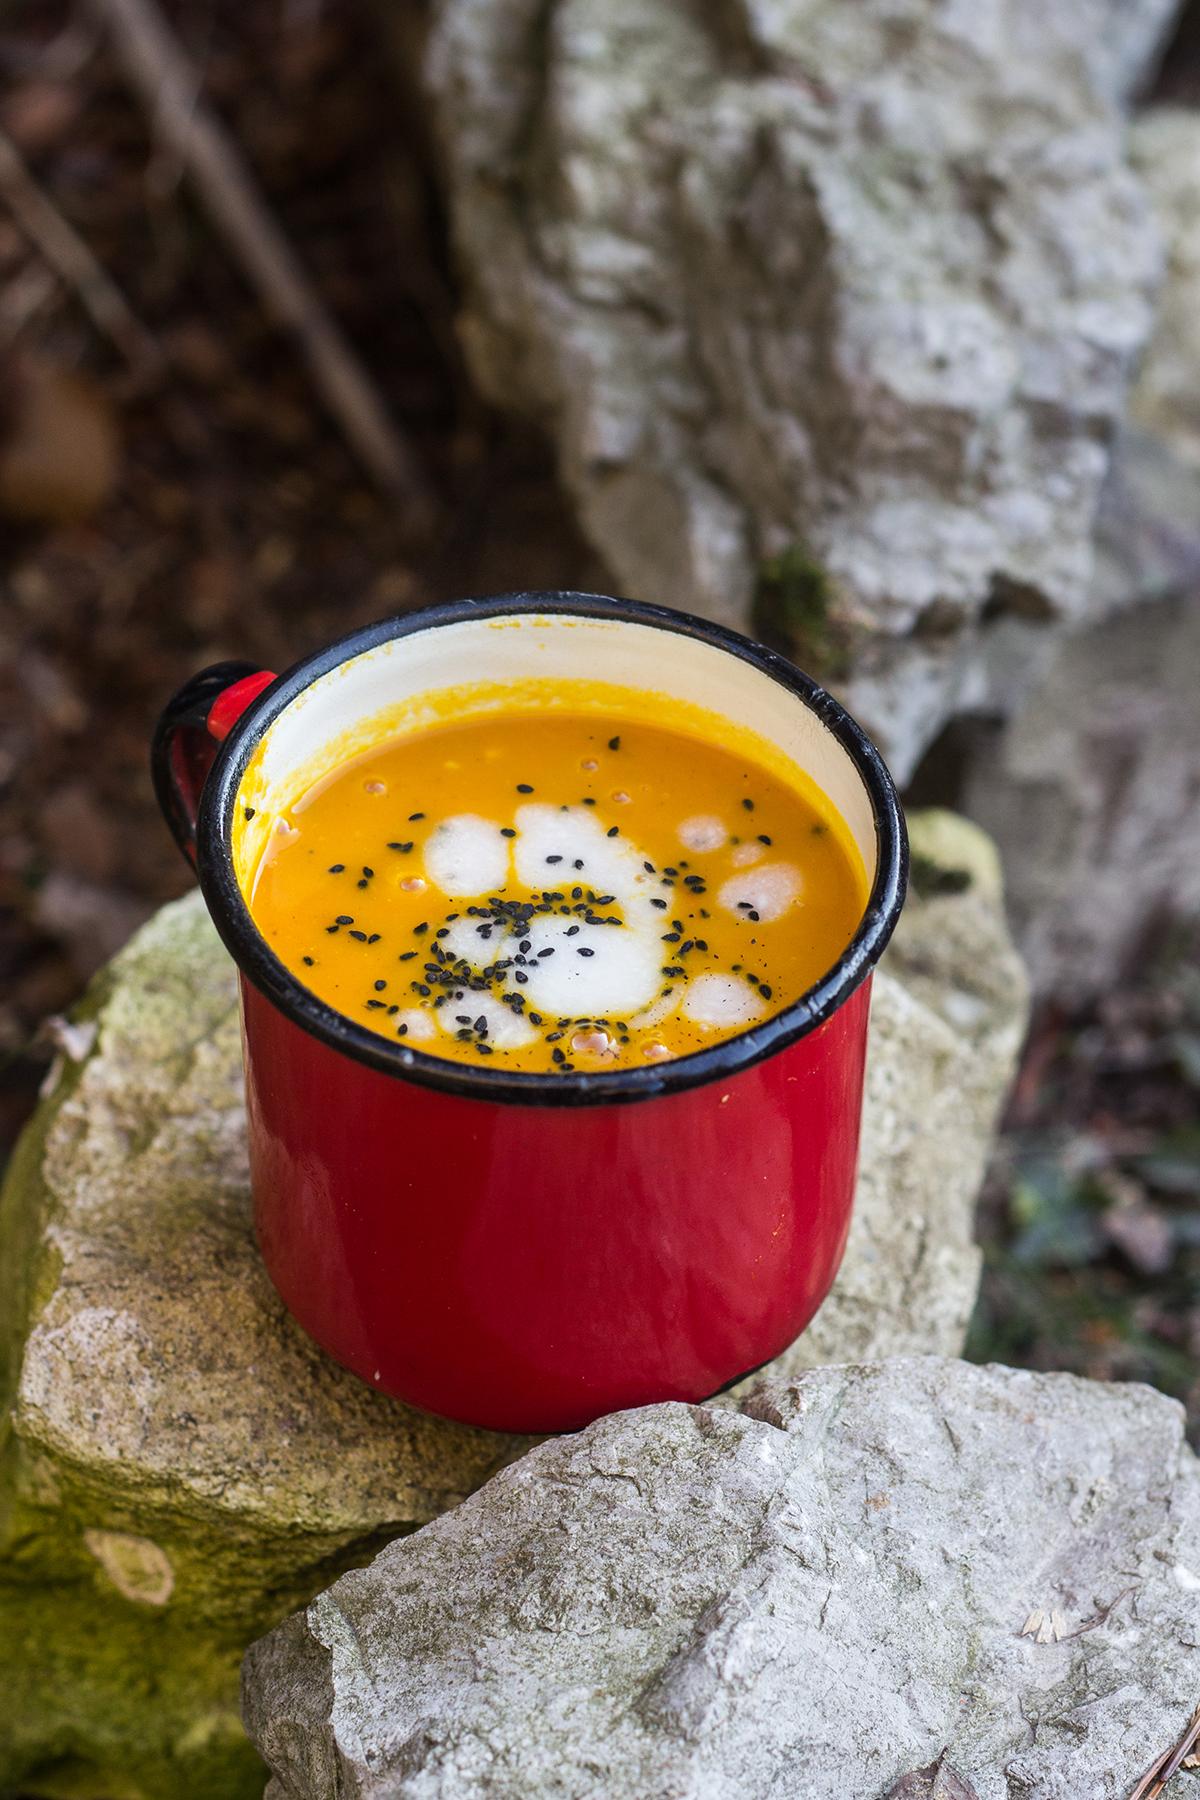 przepis na zupe marchewkowa z nuta kokosowa